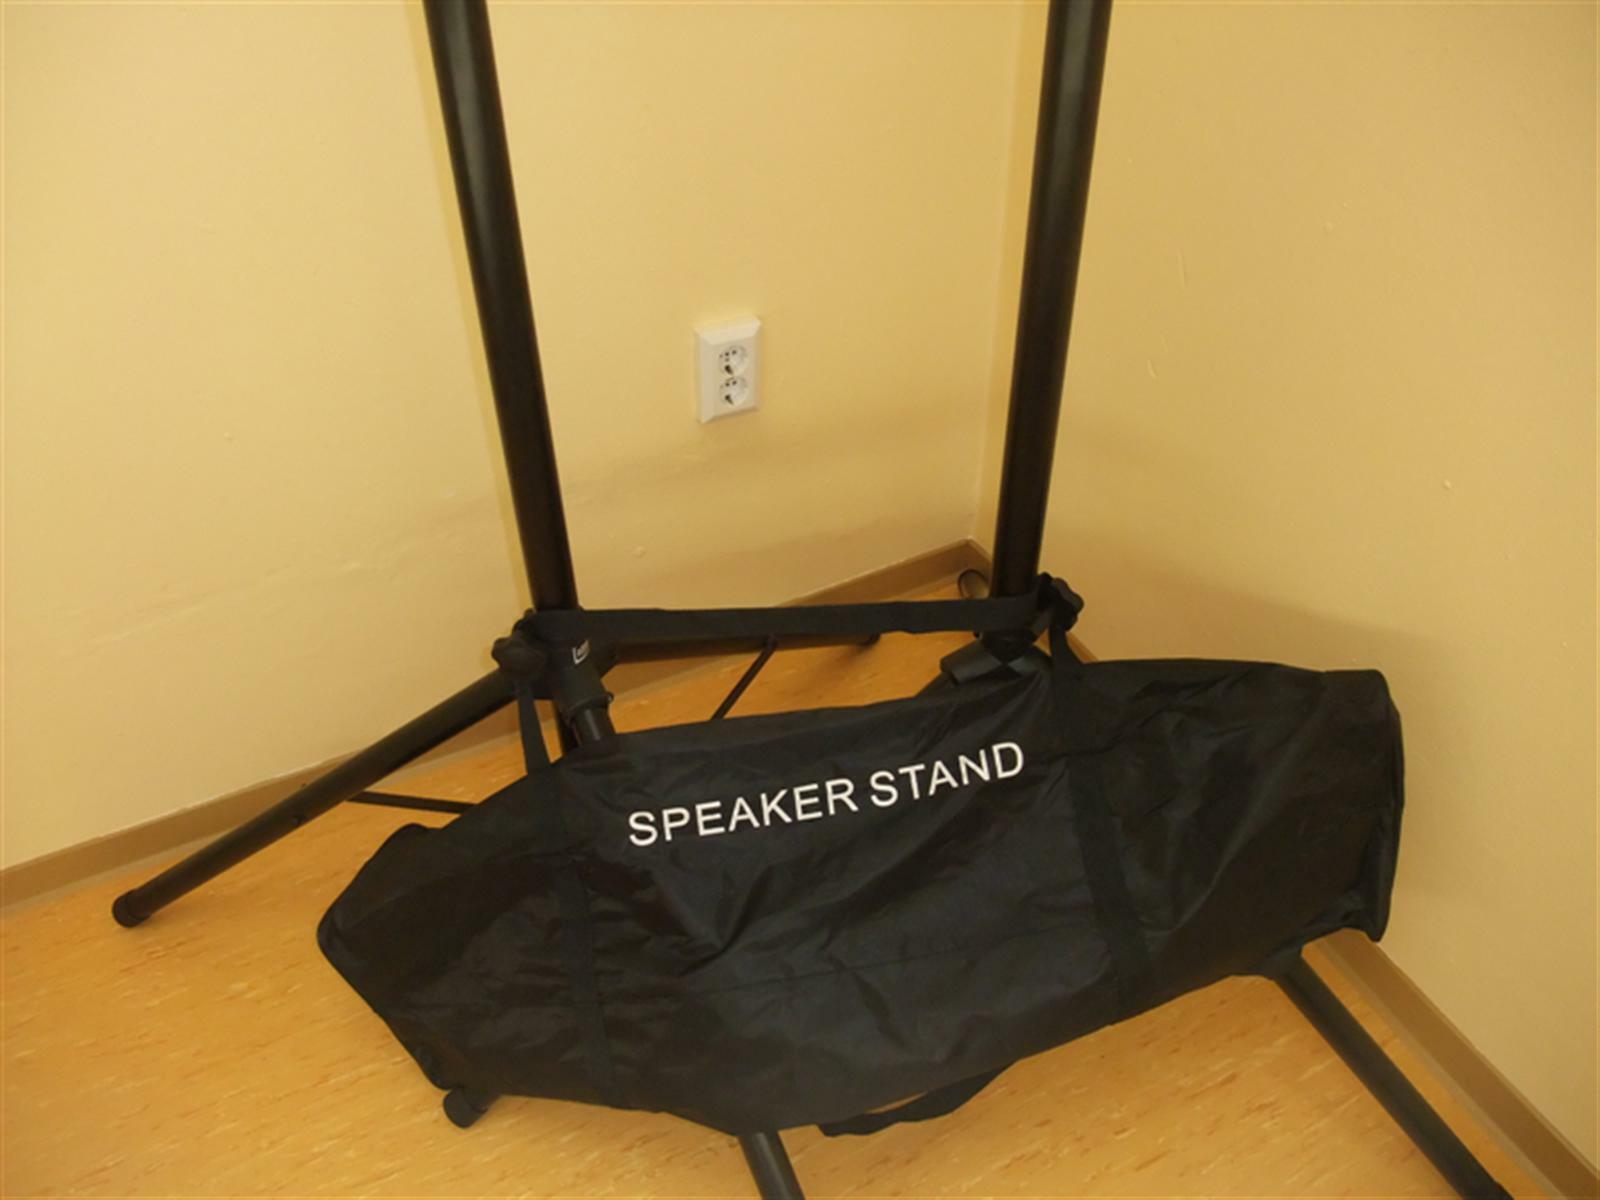 2x Transport Bag for ever 2 Boxes Tripods Speaker Stand Carry Bag Rockbag